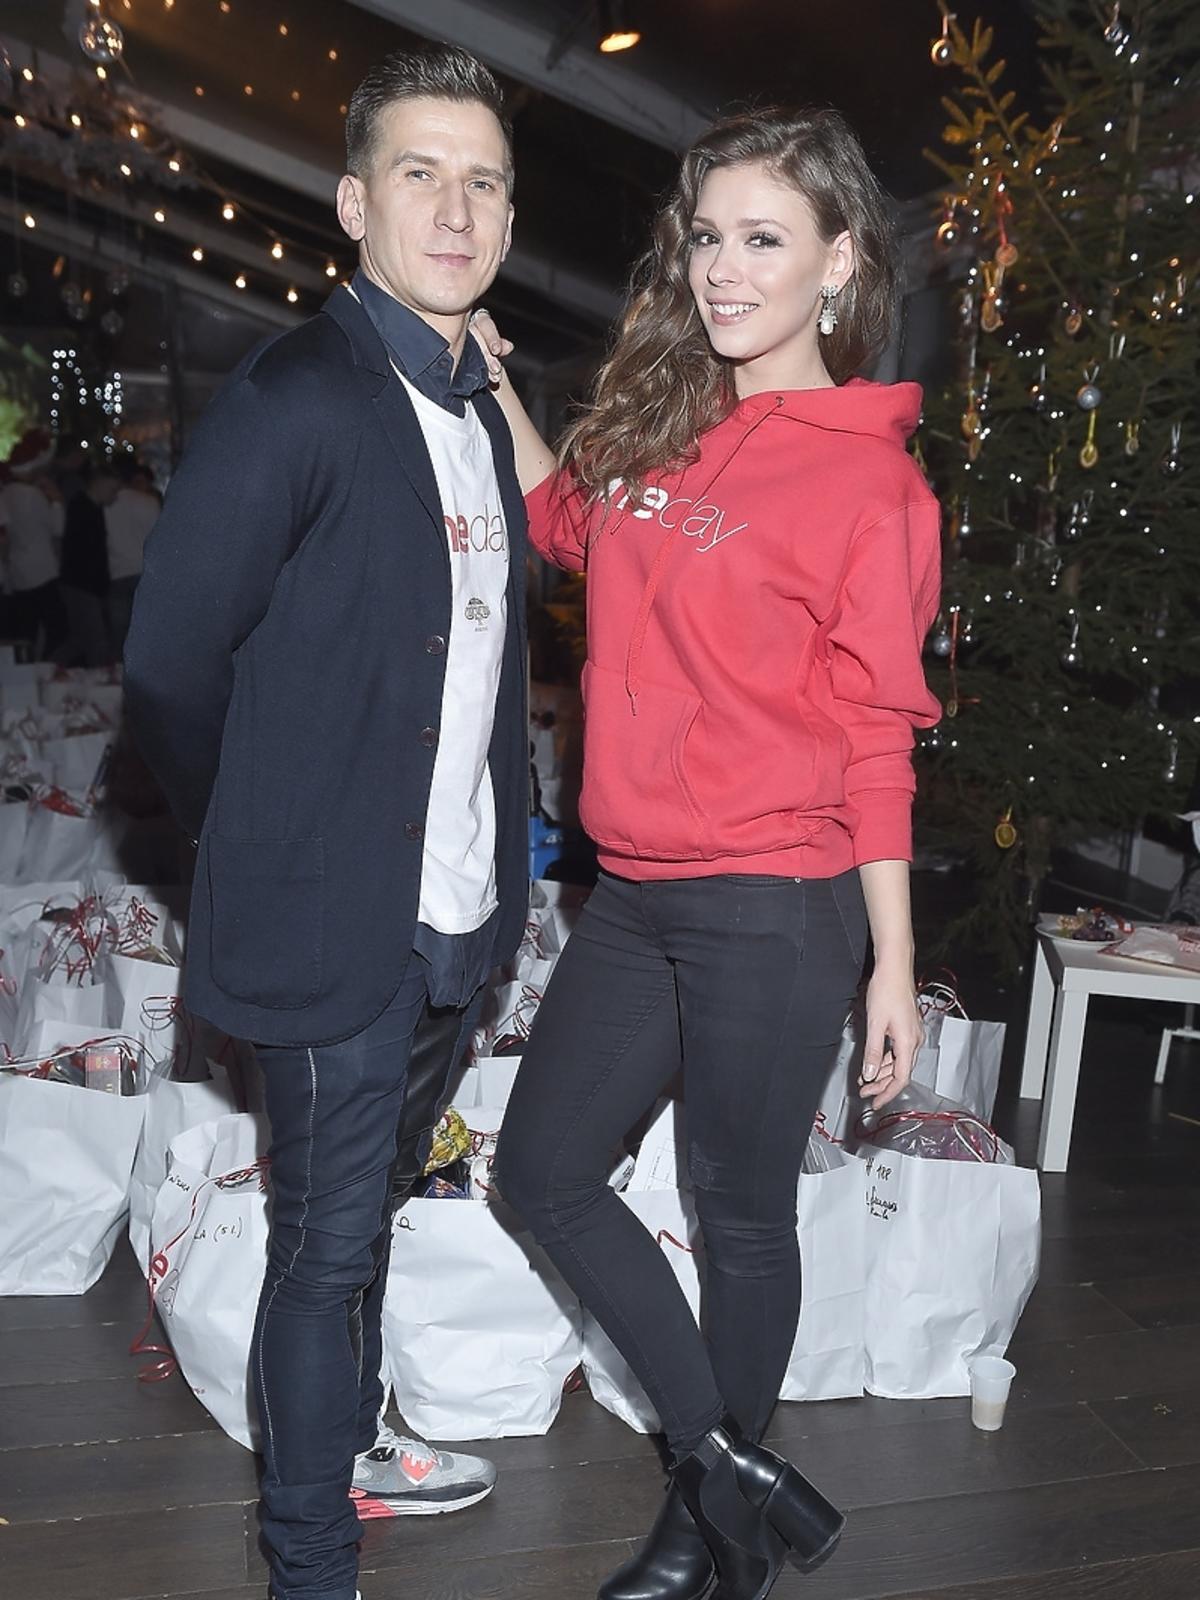 Tomasz Barański i Klaudia Halejcio na imprezie charytatywnej fundacji One Day